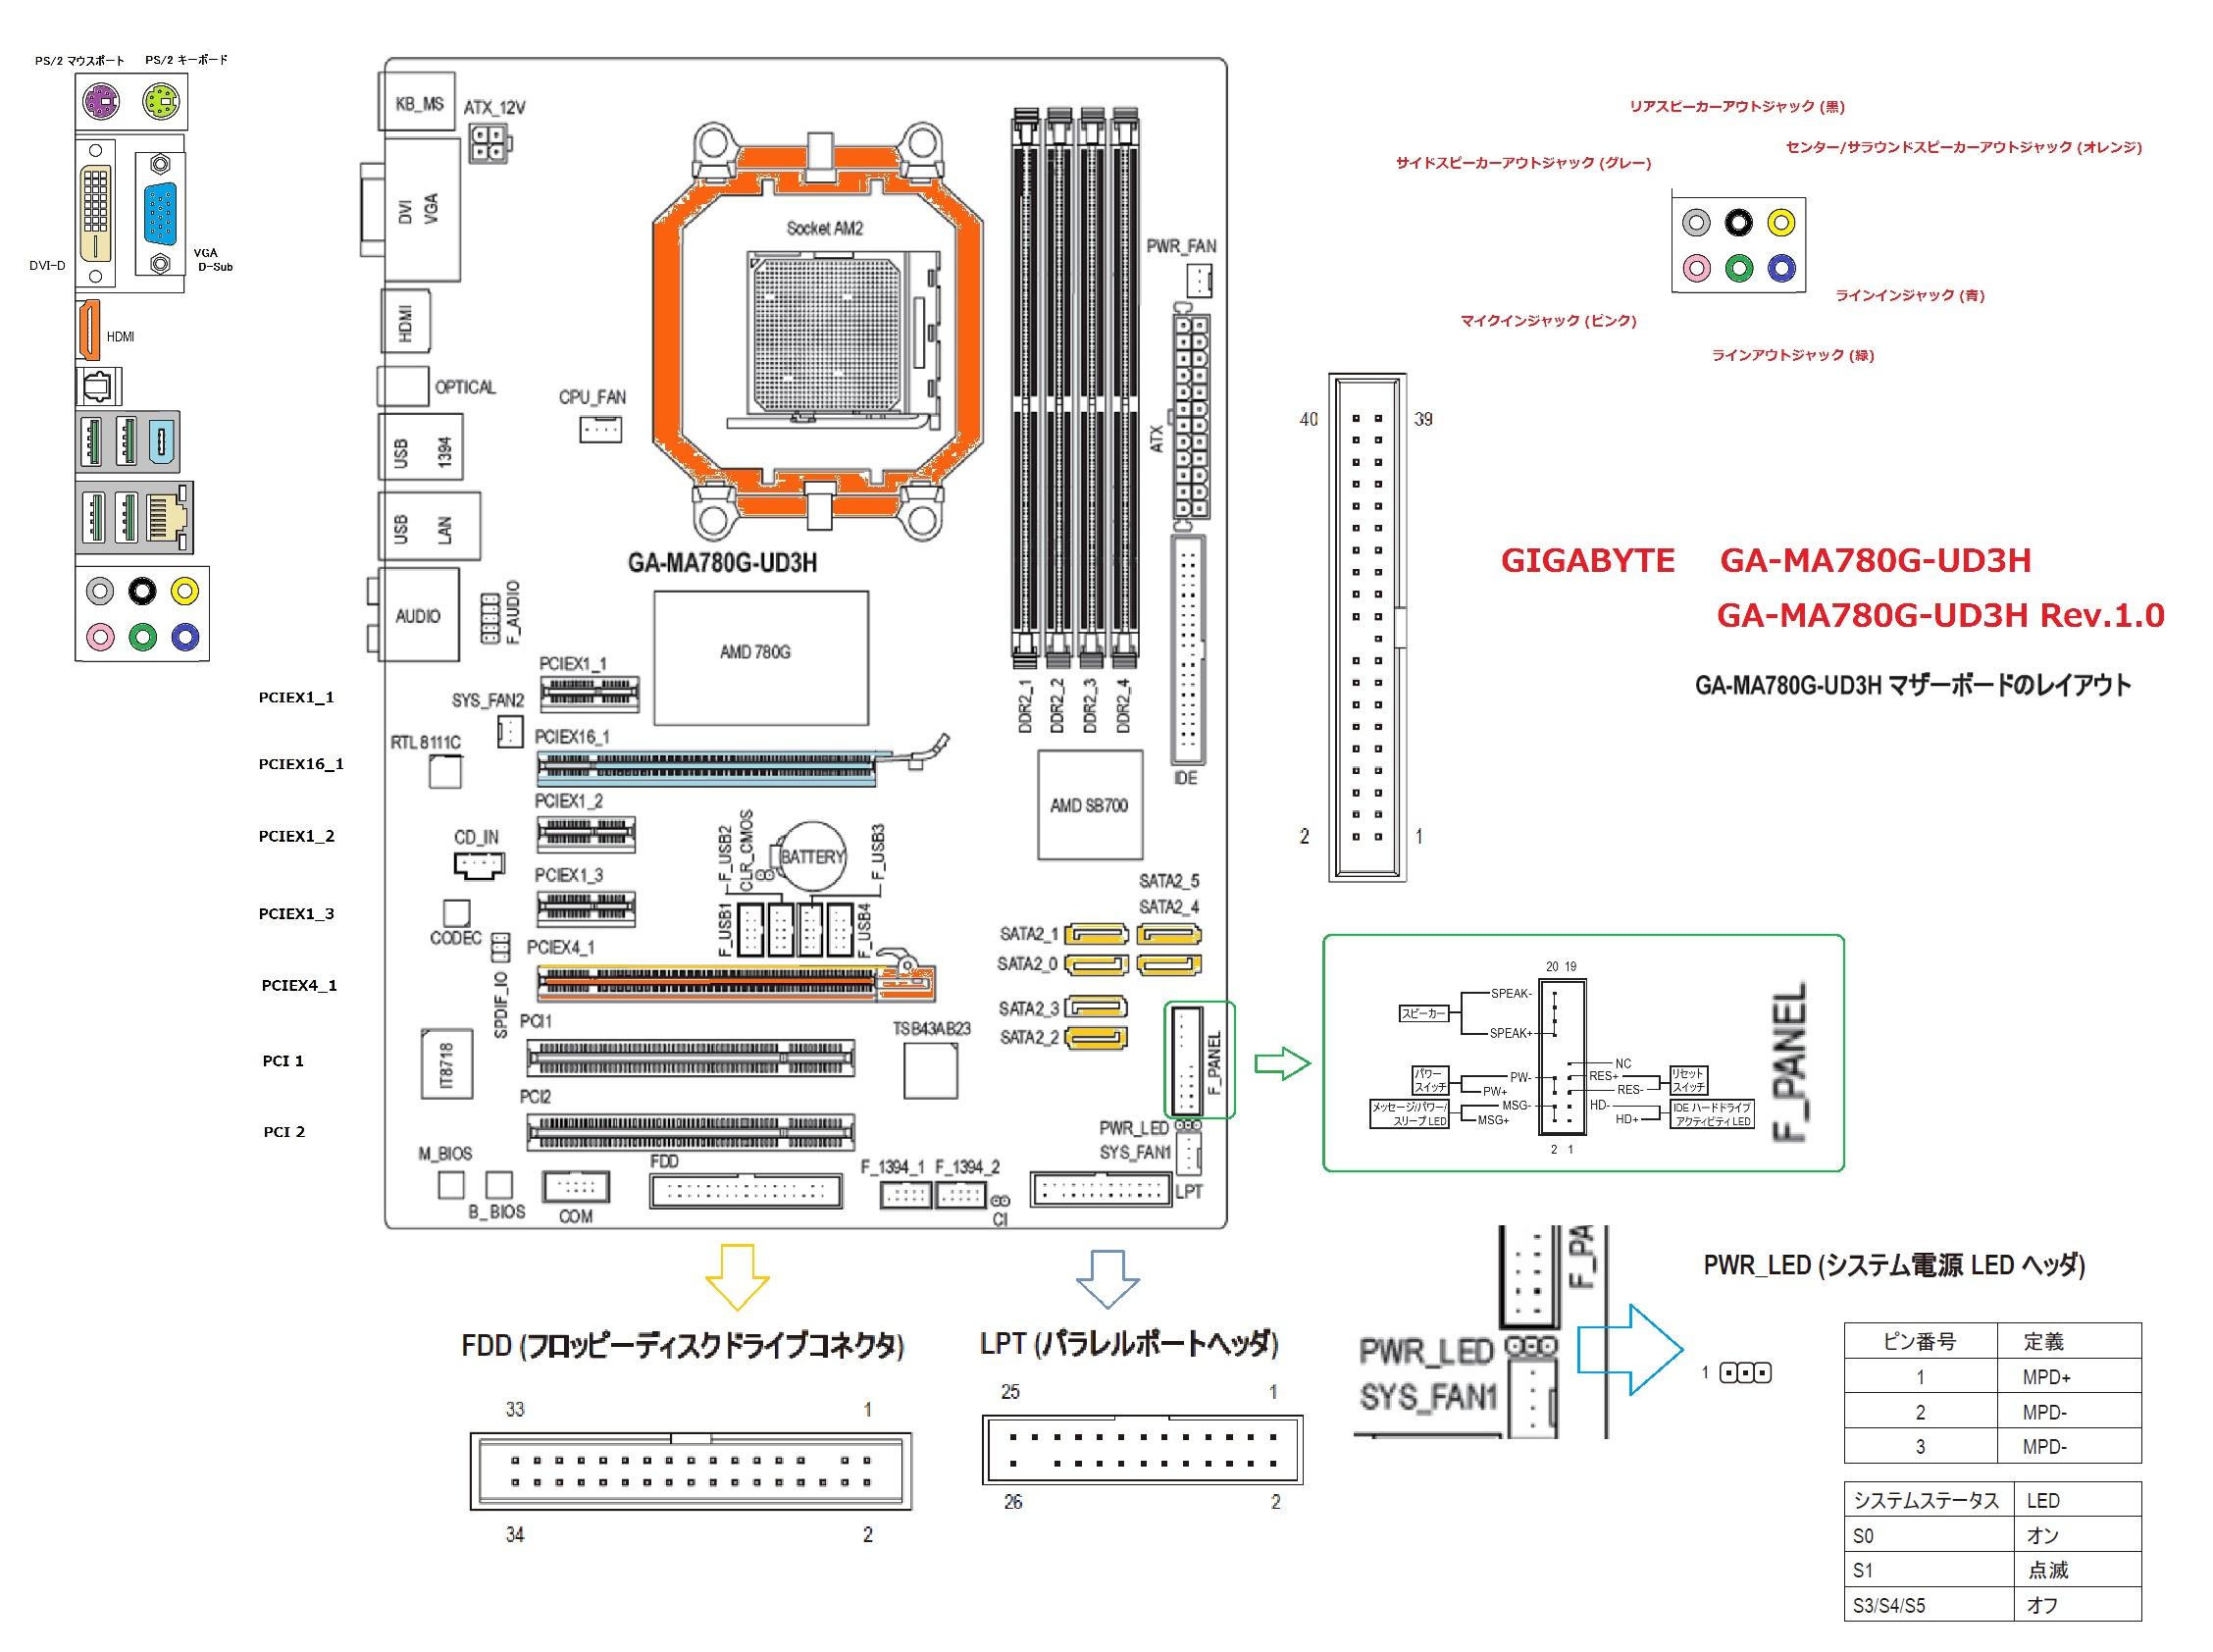 GIGABYTE GA-MA780G-UD3H MICROSOFT UAA DRIVER FOR WINDOWS MAC